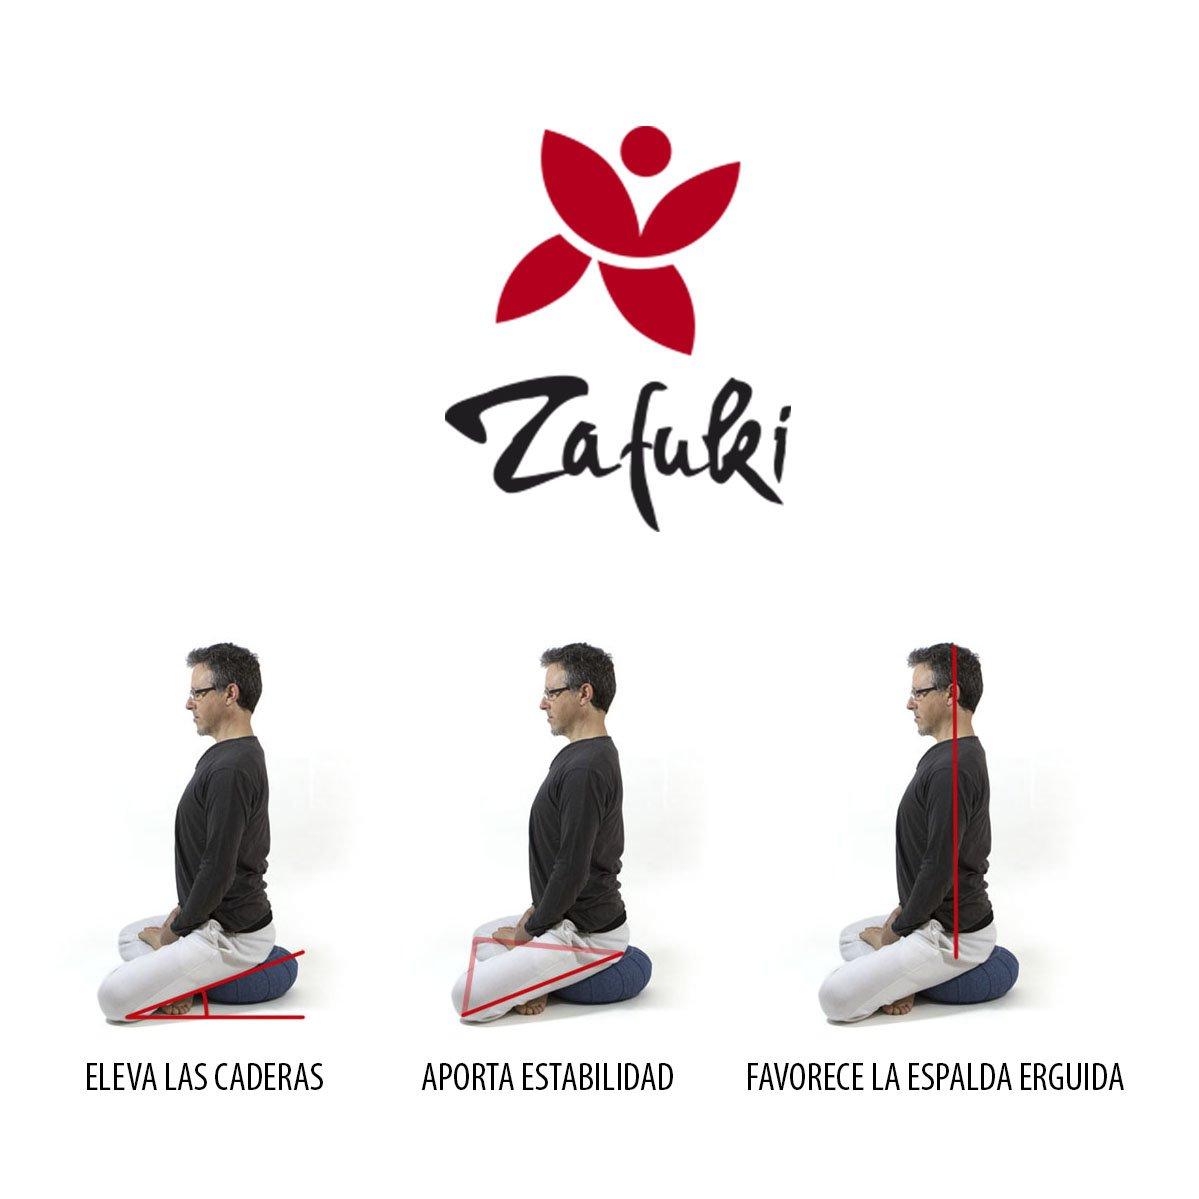 ZAFUKI Cojín Redondo para Yoga, Tibetano, Relleno de cáscara de espelta (Cultivo biológico) / Ideal para Practicar Yoga/Cojín zafu/Cojín de ...